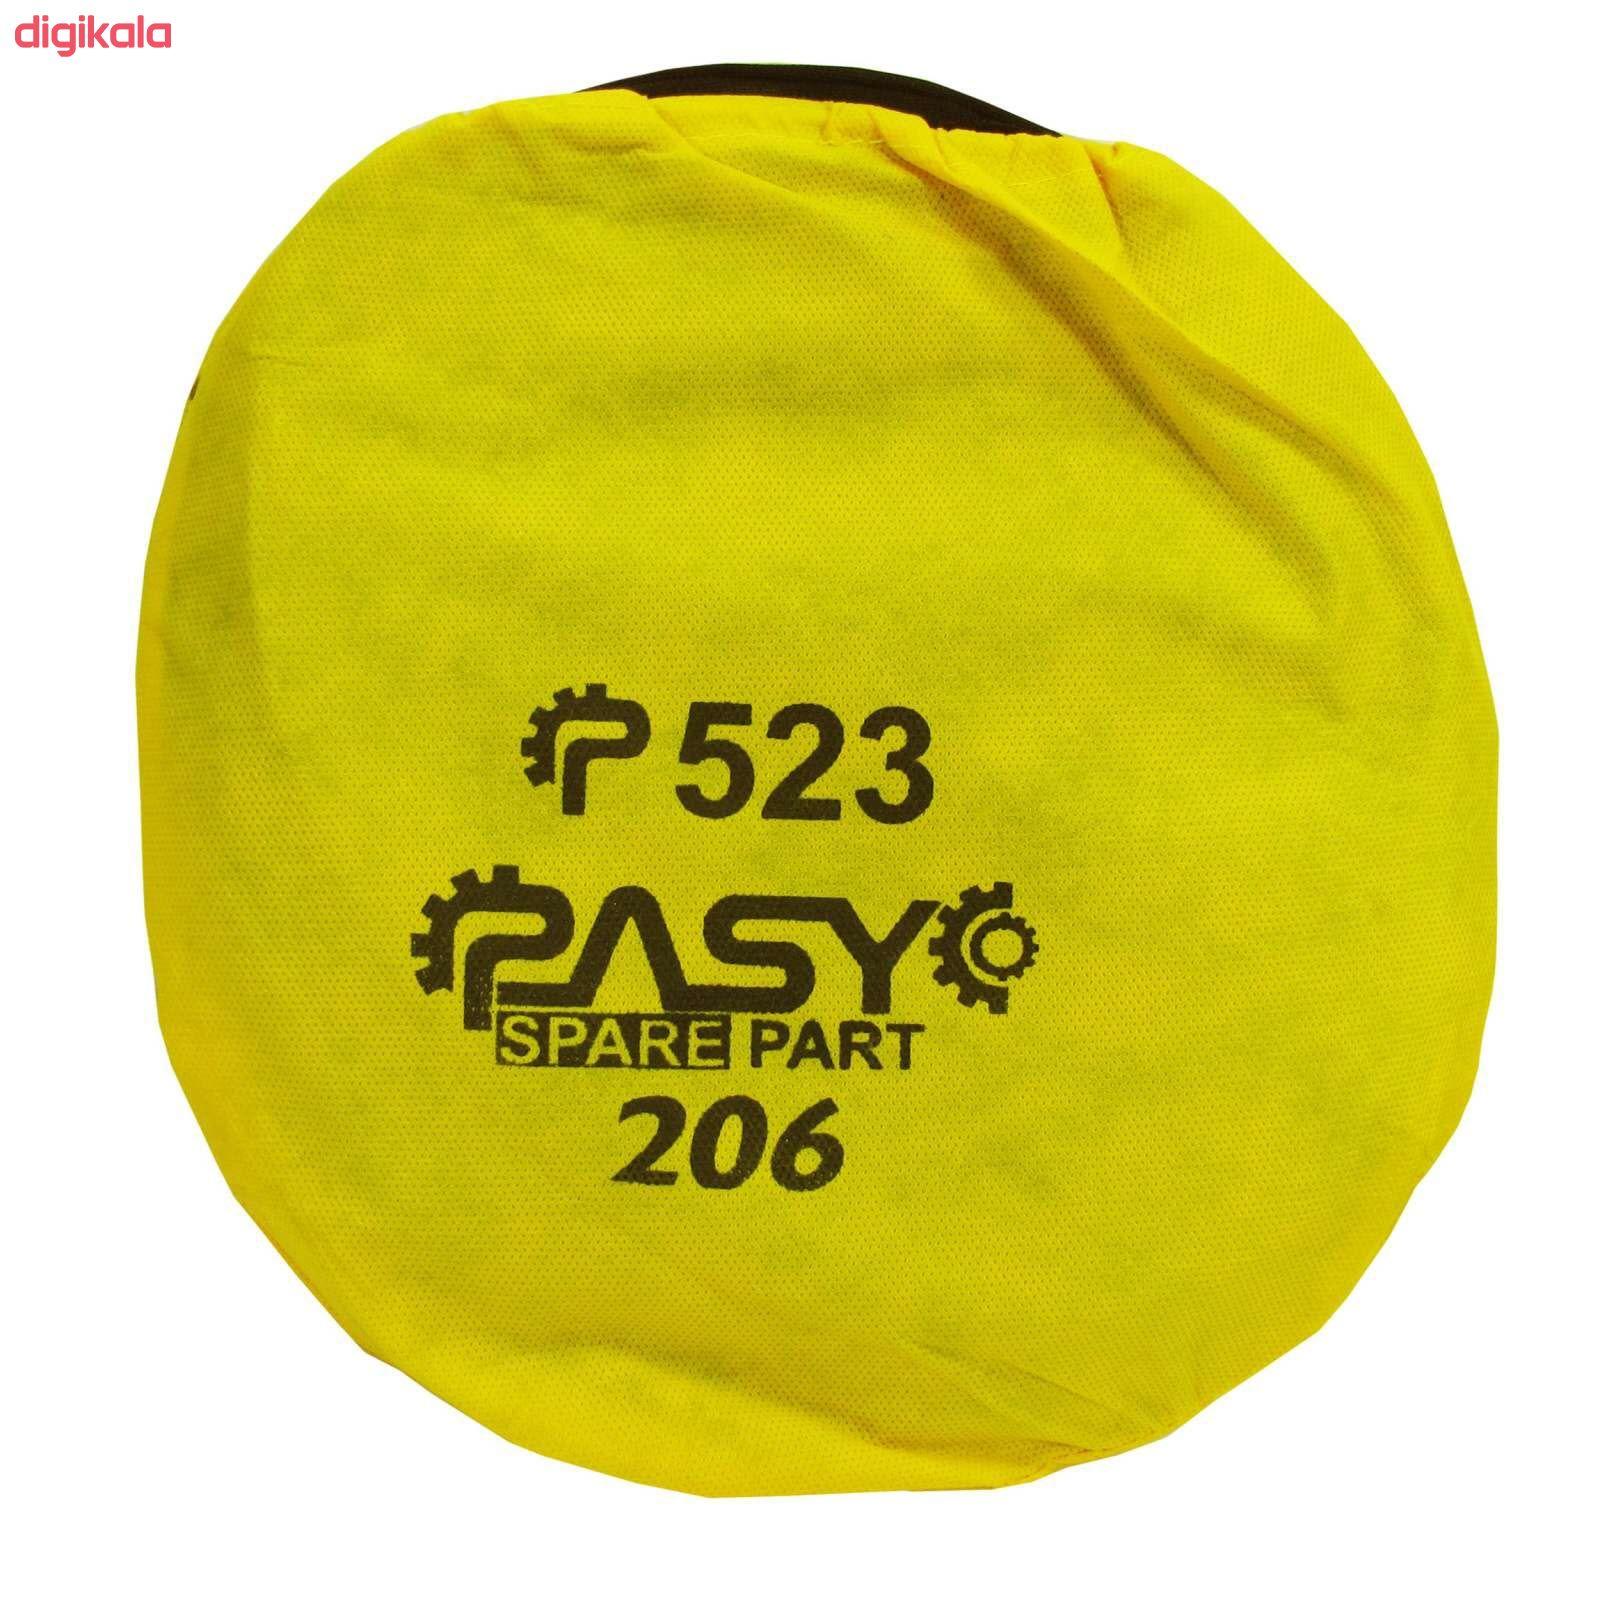 آفتاب گیر شیشه خودرو پاسیکو مدل P523 مناسب برای پژو 206 بسته 4 عددی main 1 1